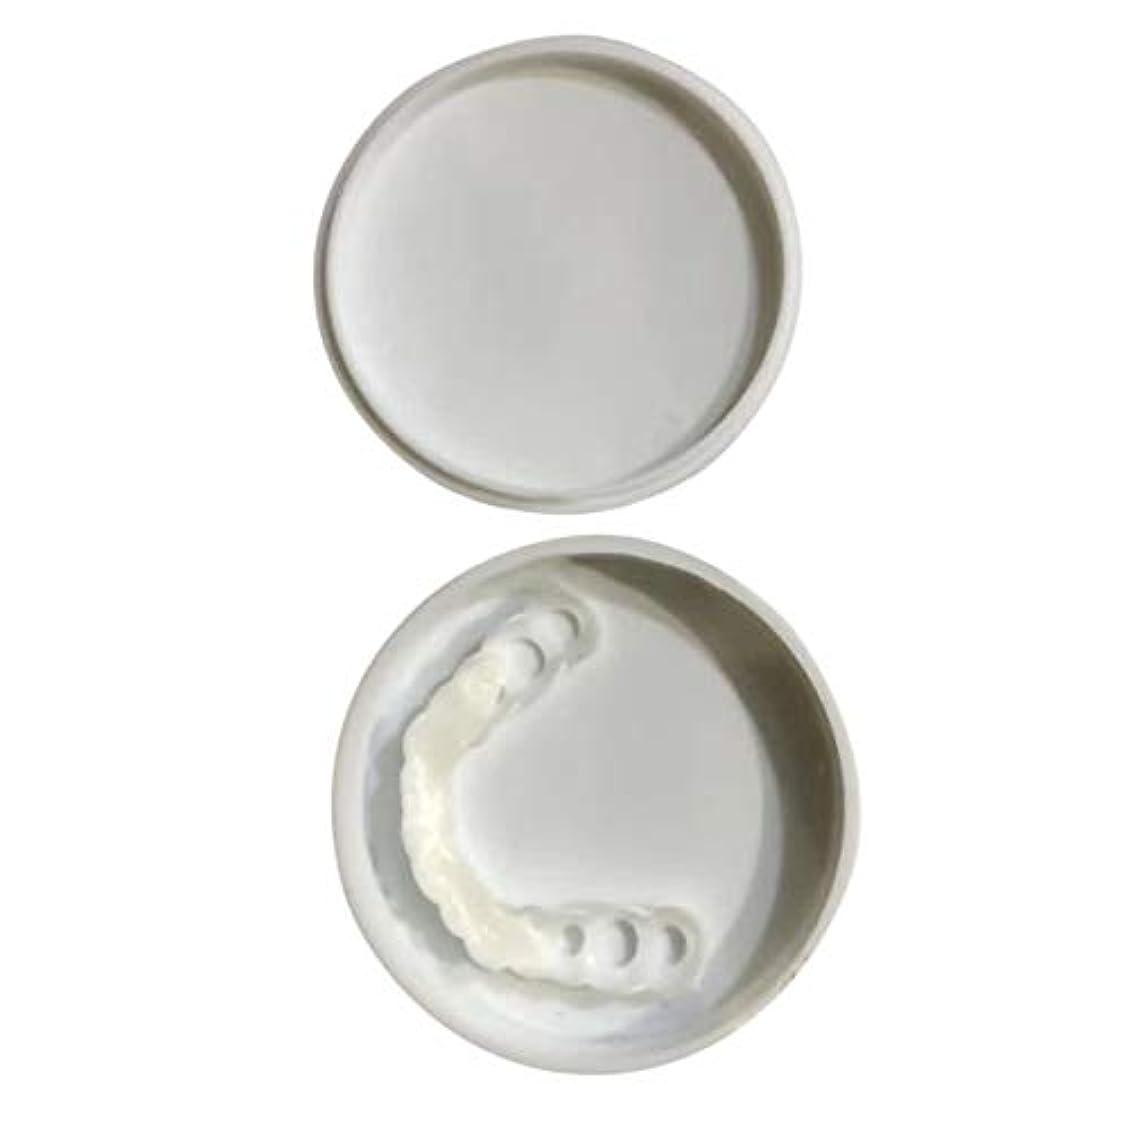 倉庫滑るインフルエンザ快適なスナップオン男性女性歯インスタントパーフェクトスマイルコンフォートフィットフレックス歯フィットホワイトニング笑顔偽歯カバー - ホワイト